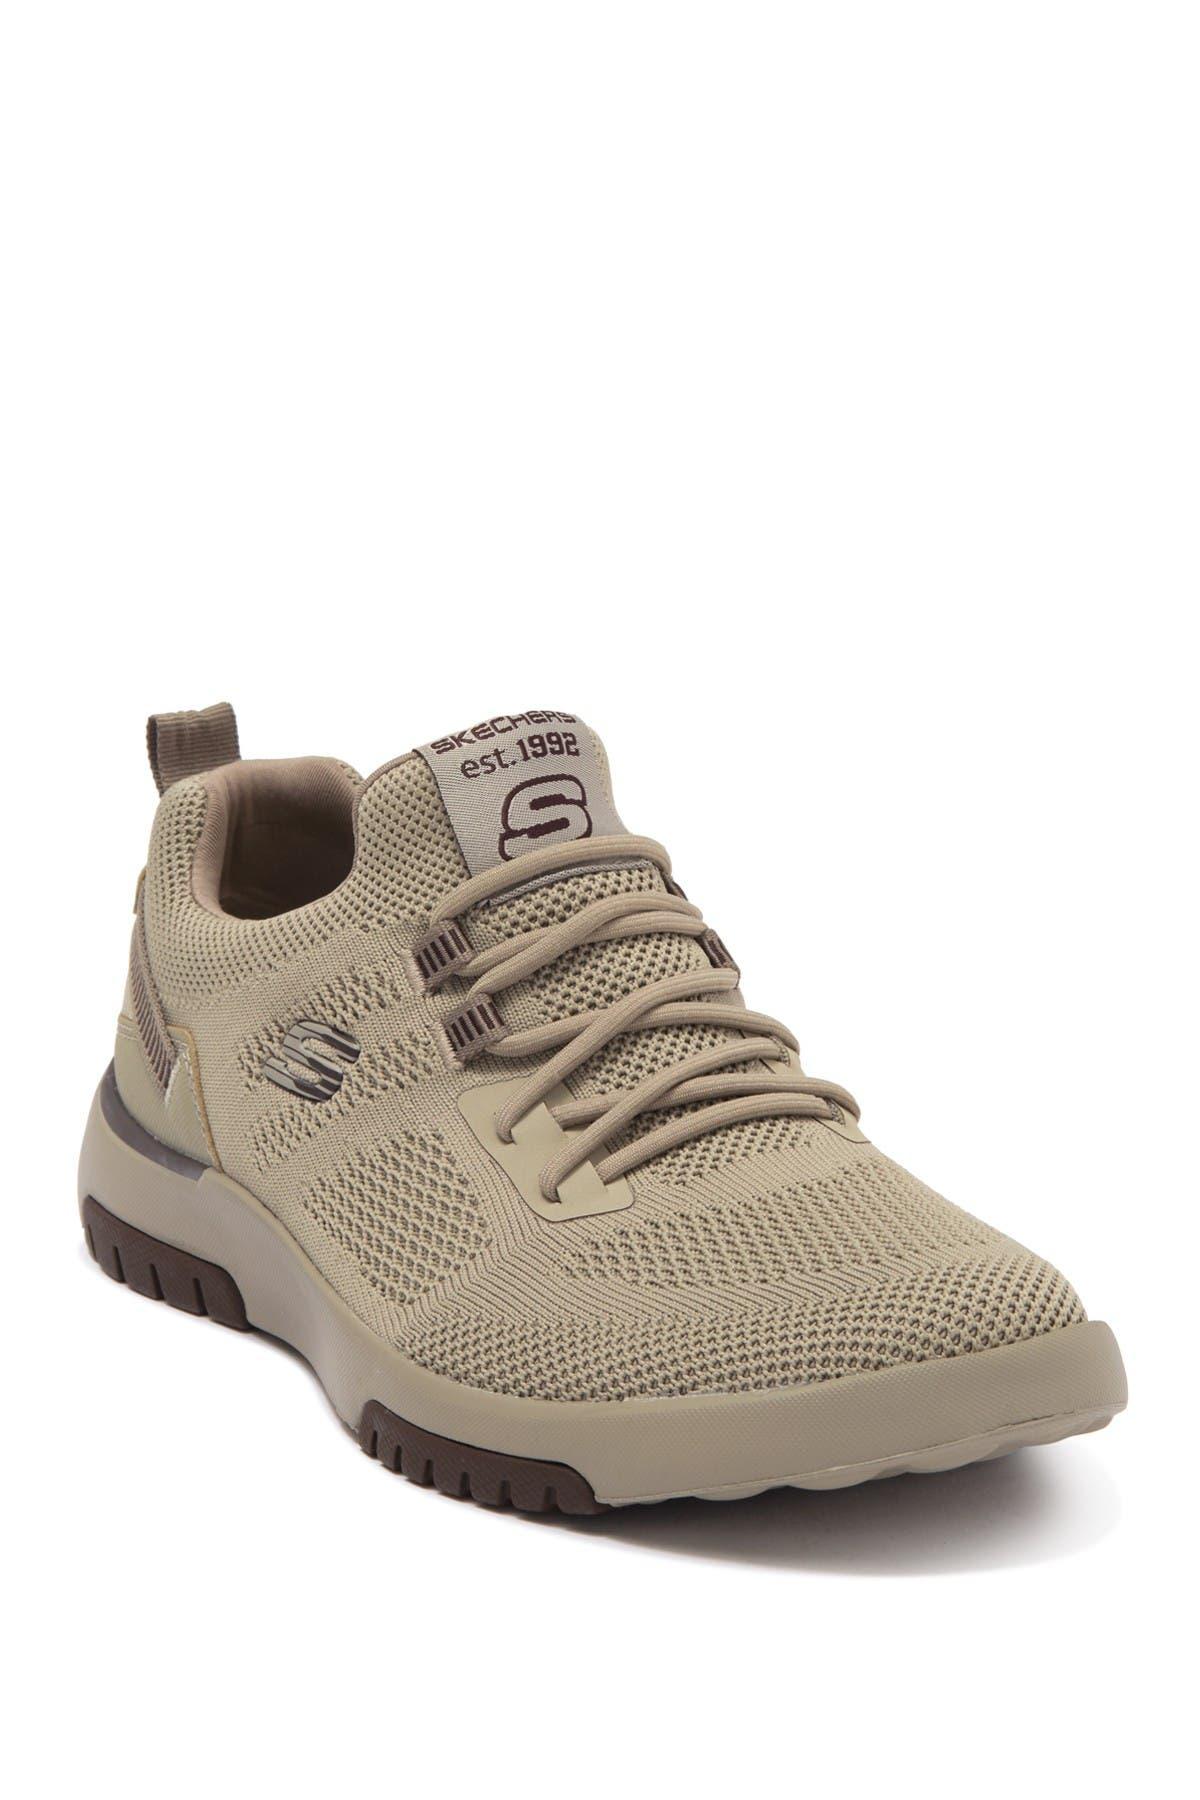 Image of Skechers Bellinger 2.0 Coren Sneaker